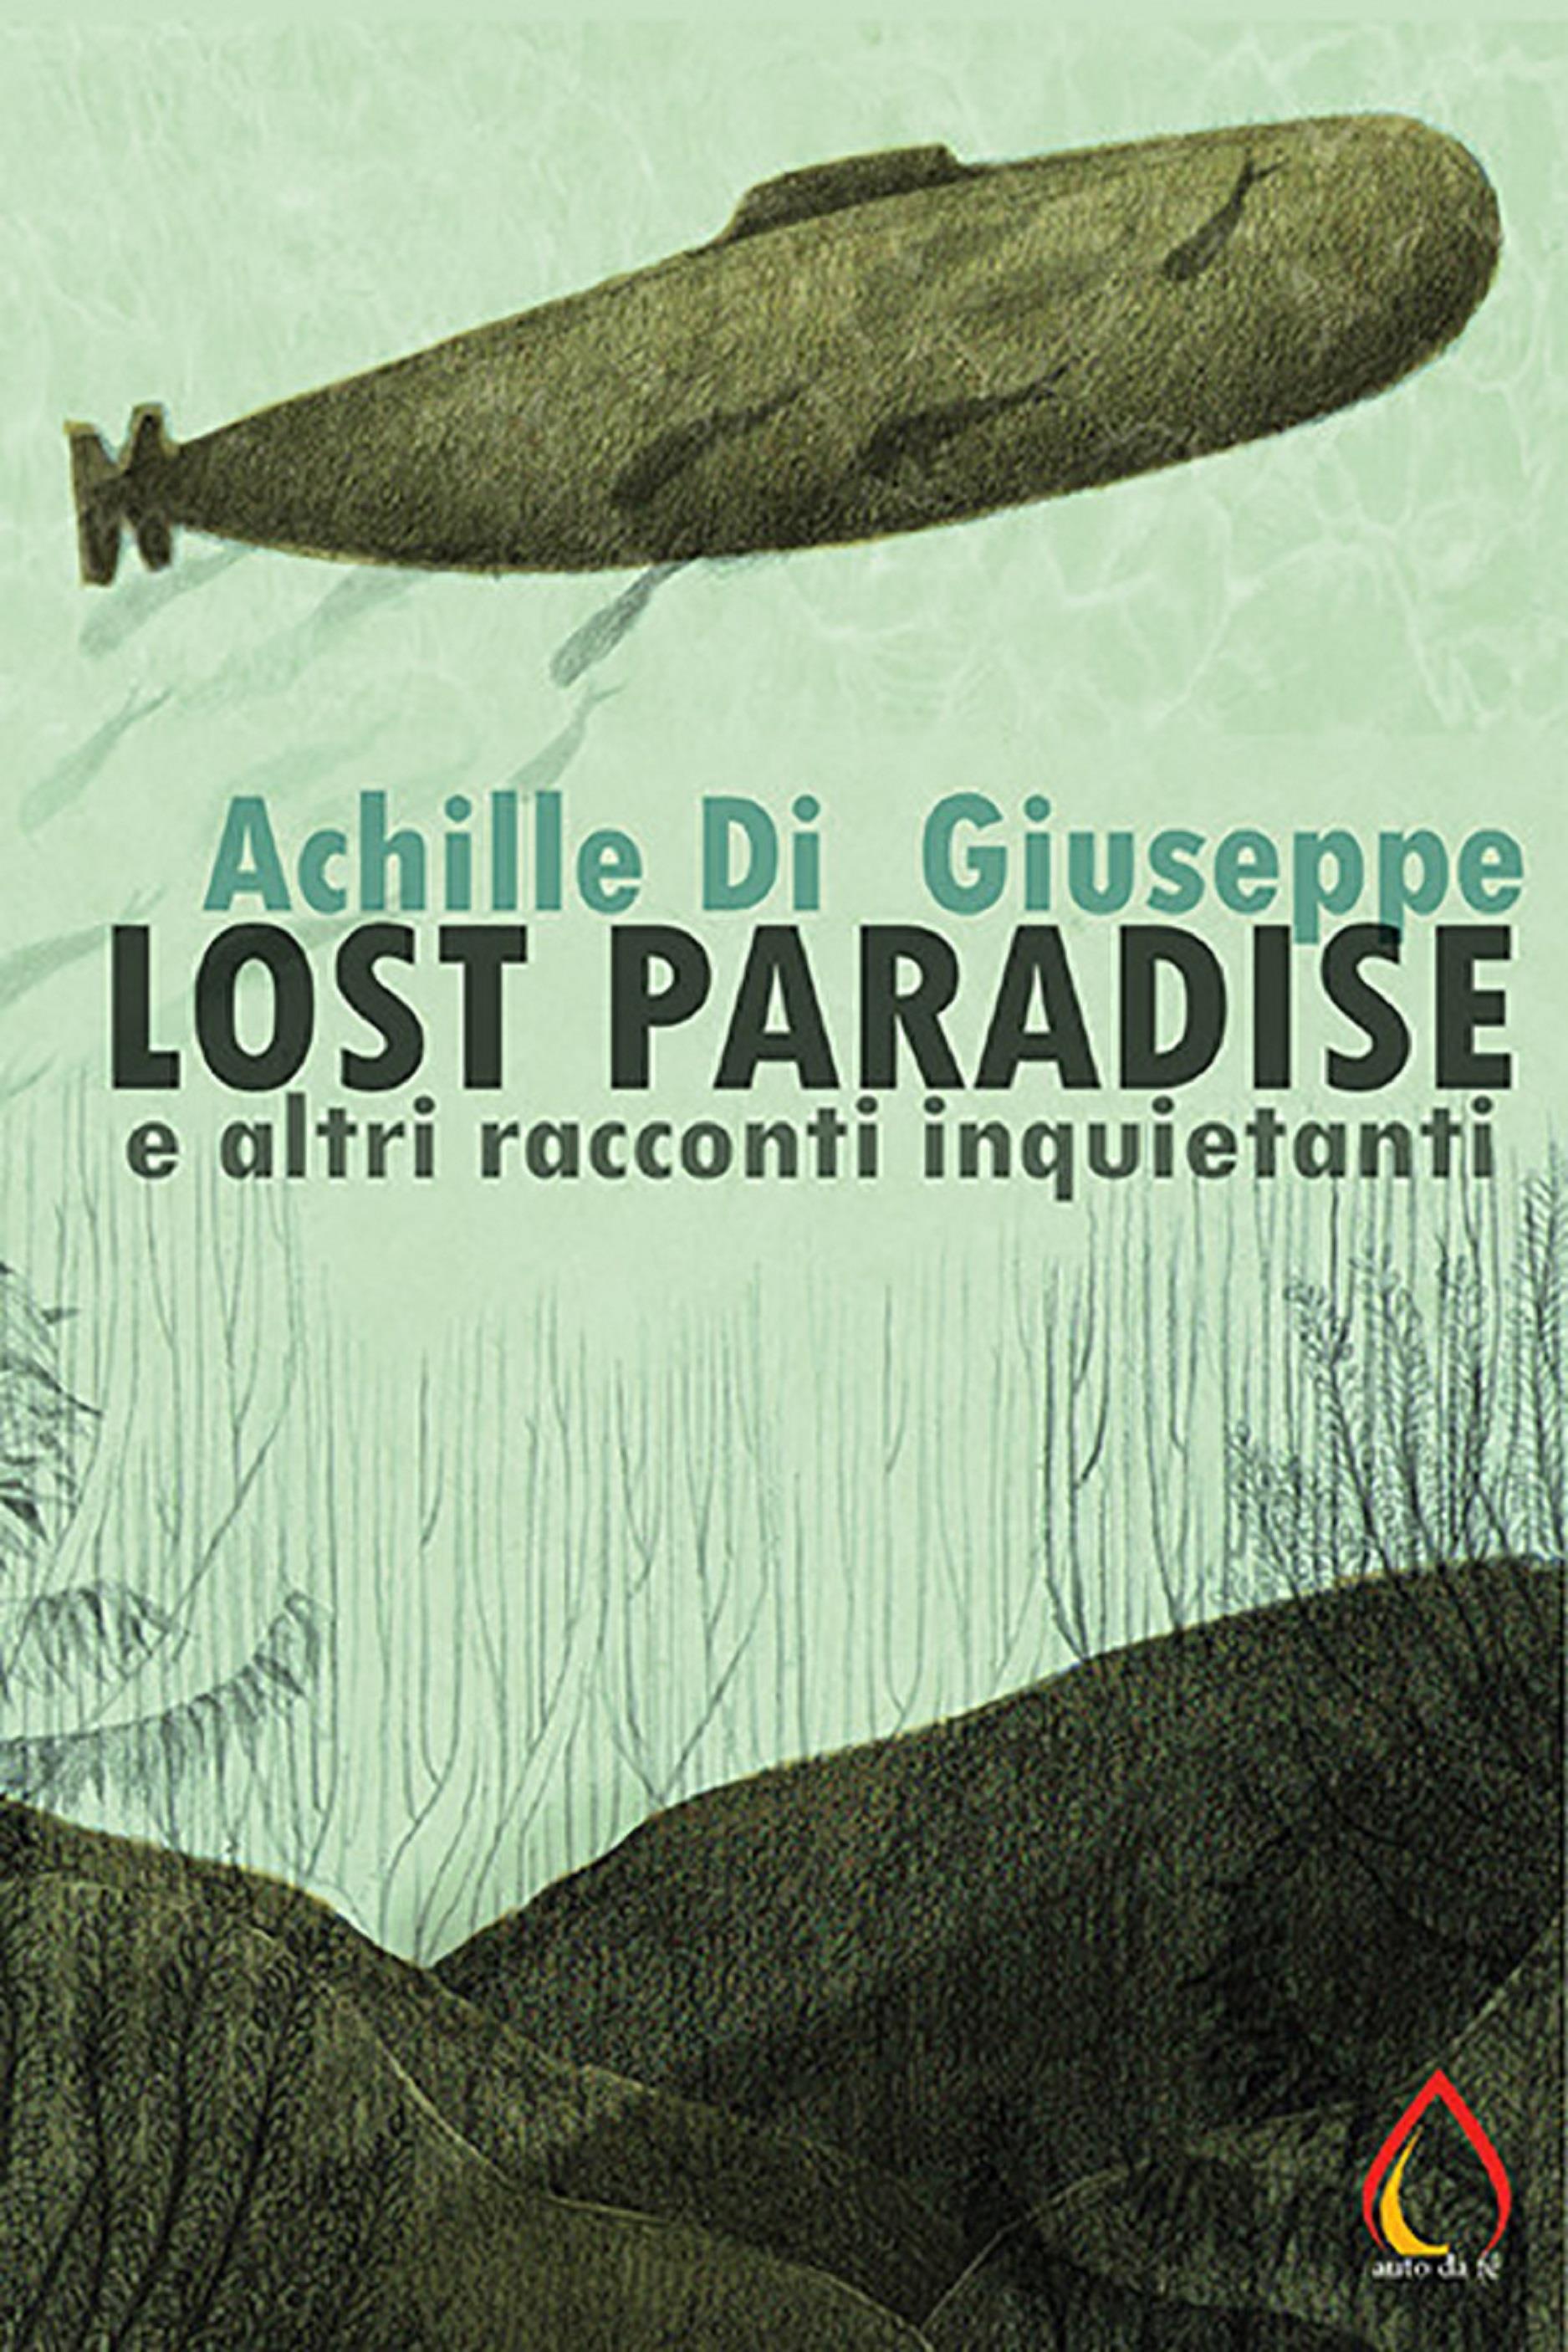 Lost Paradise e altri racconti inquietanti